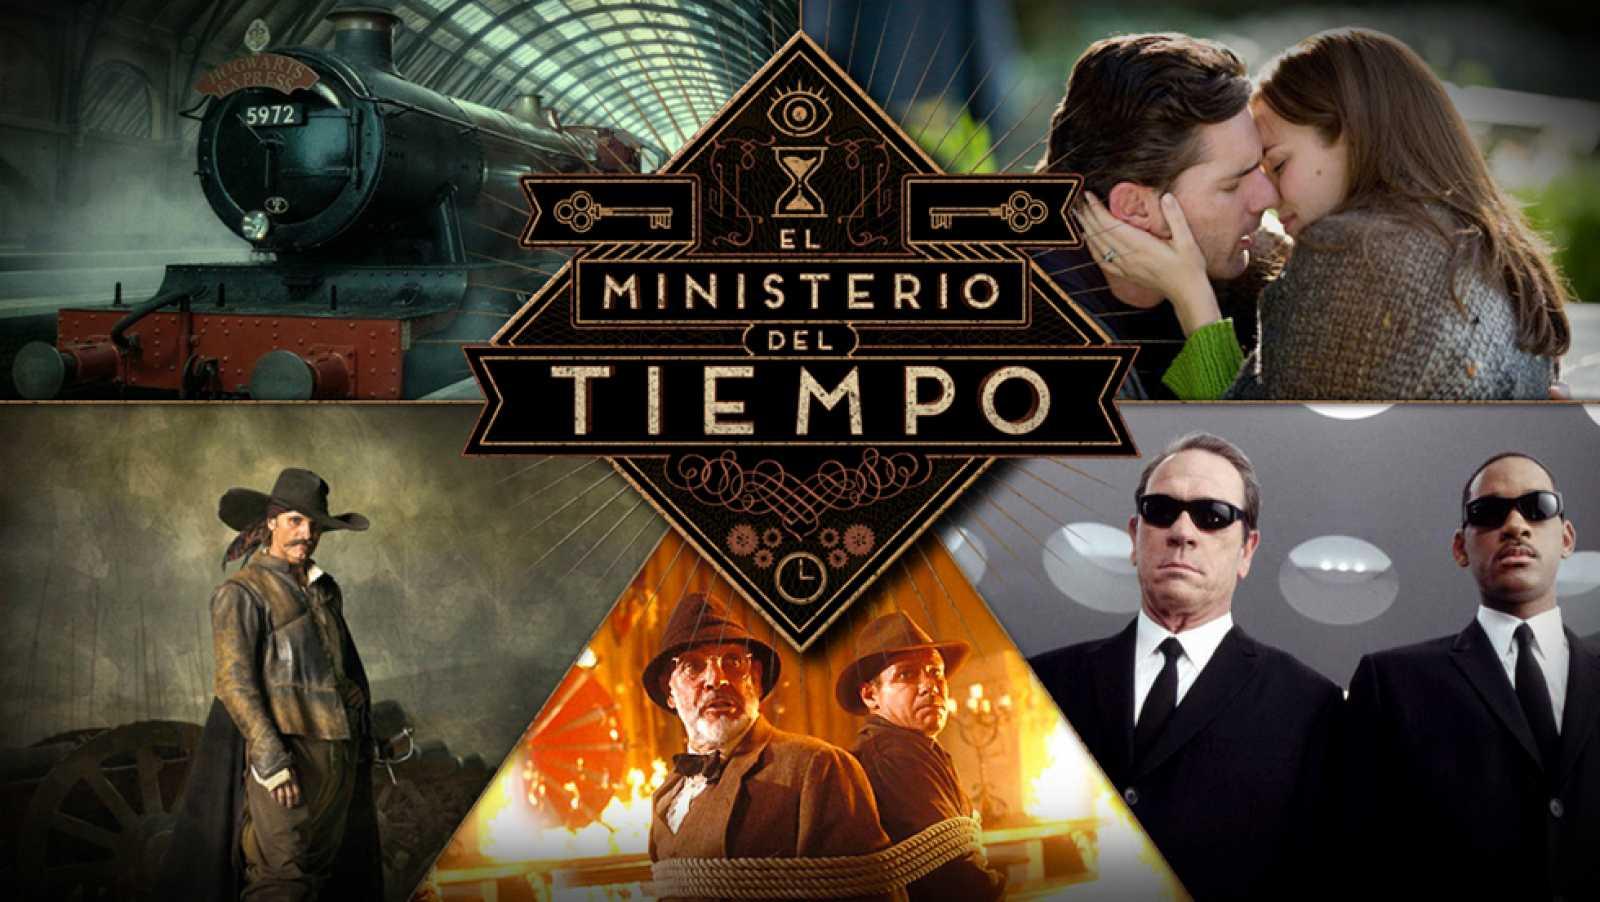 Películas a las que 'El Ministerio del Tiempo' se parece